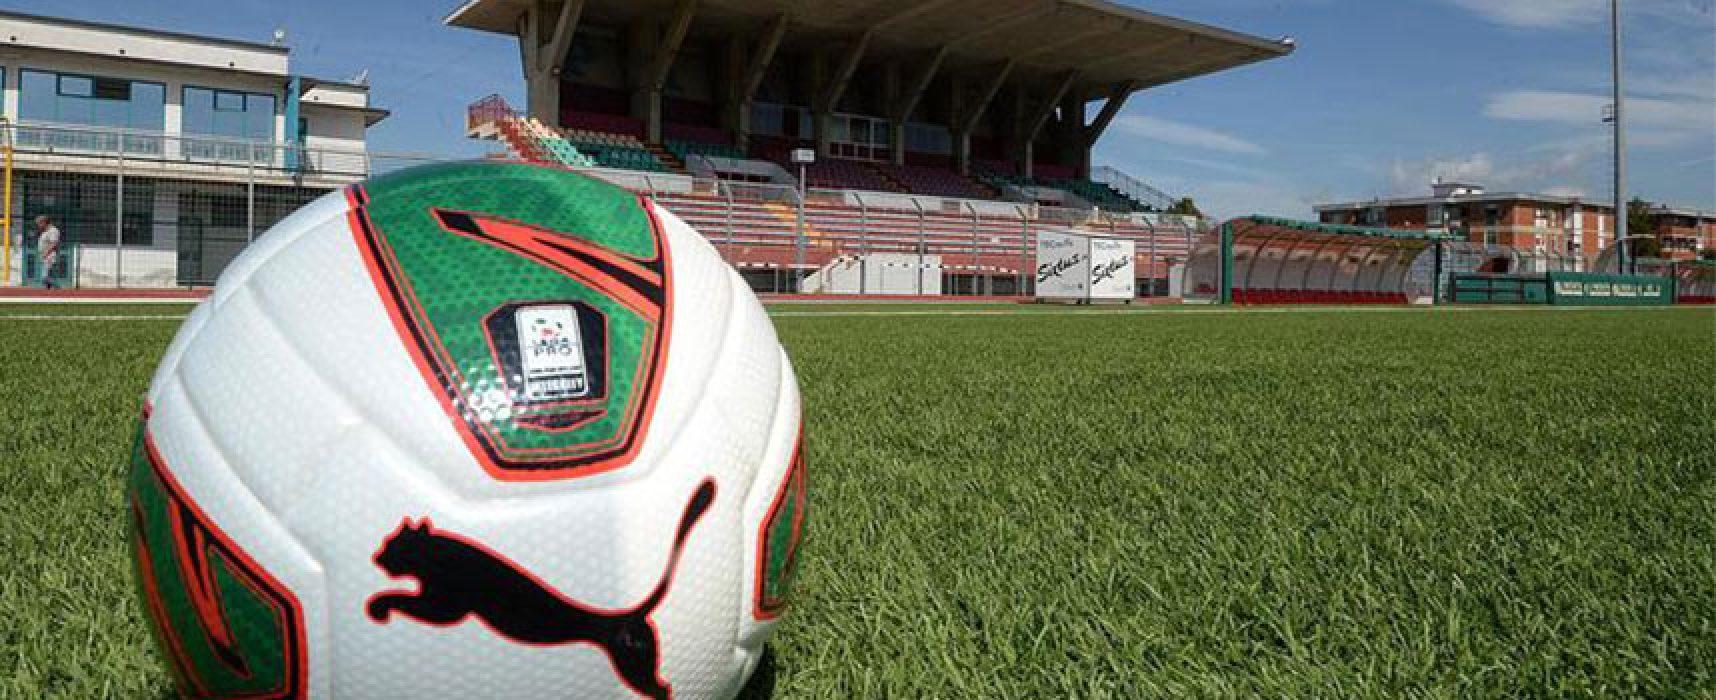 Penalizzazioni per Akragas, Matera e Fidelis Andria, cambia la CLASSIFICA nel girone del Bisceglie